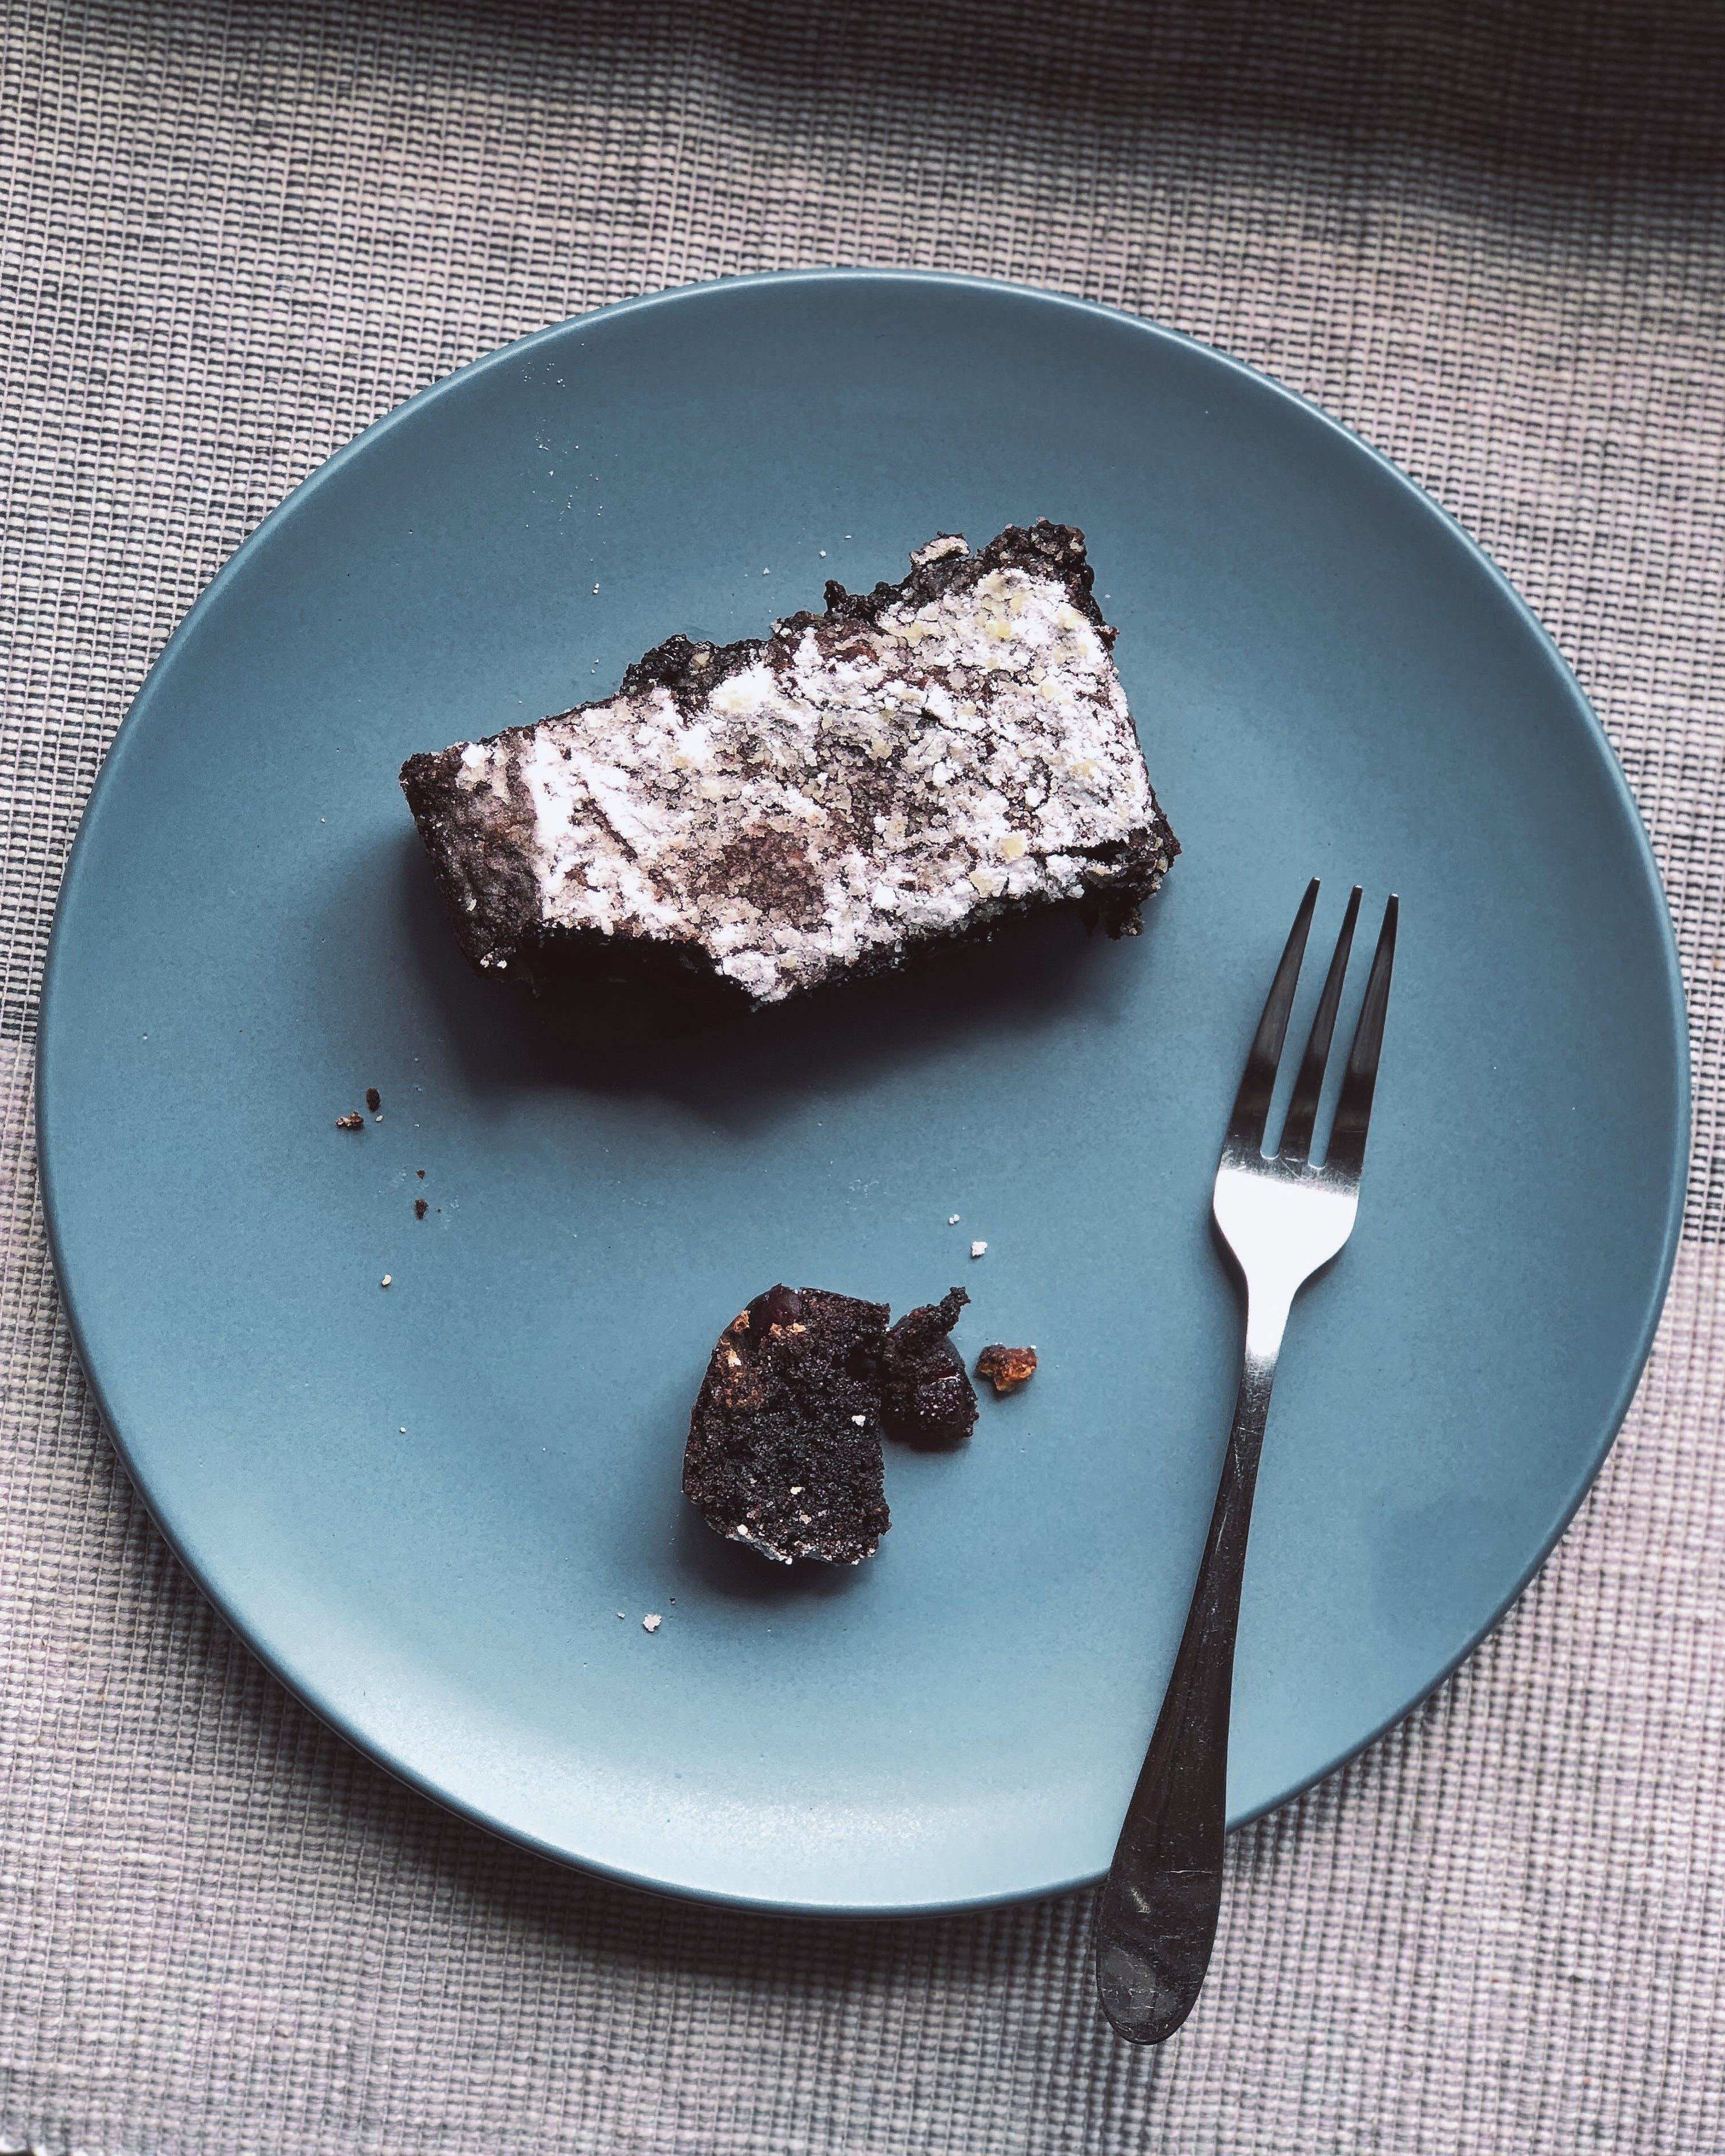 Δωρεάν στοκ φωτογραφιών με γλυκά, διχάλα, κέικ, νοστιμότατος